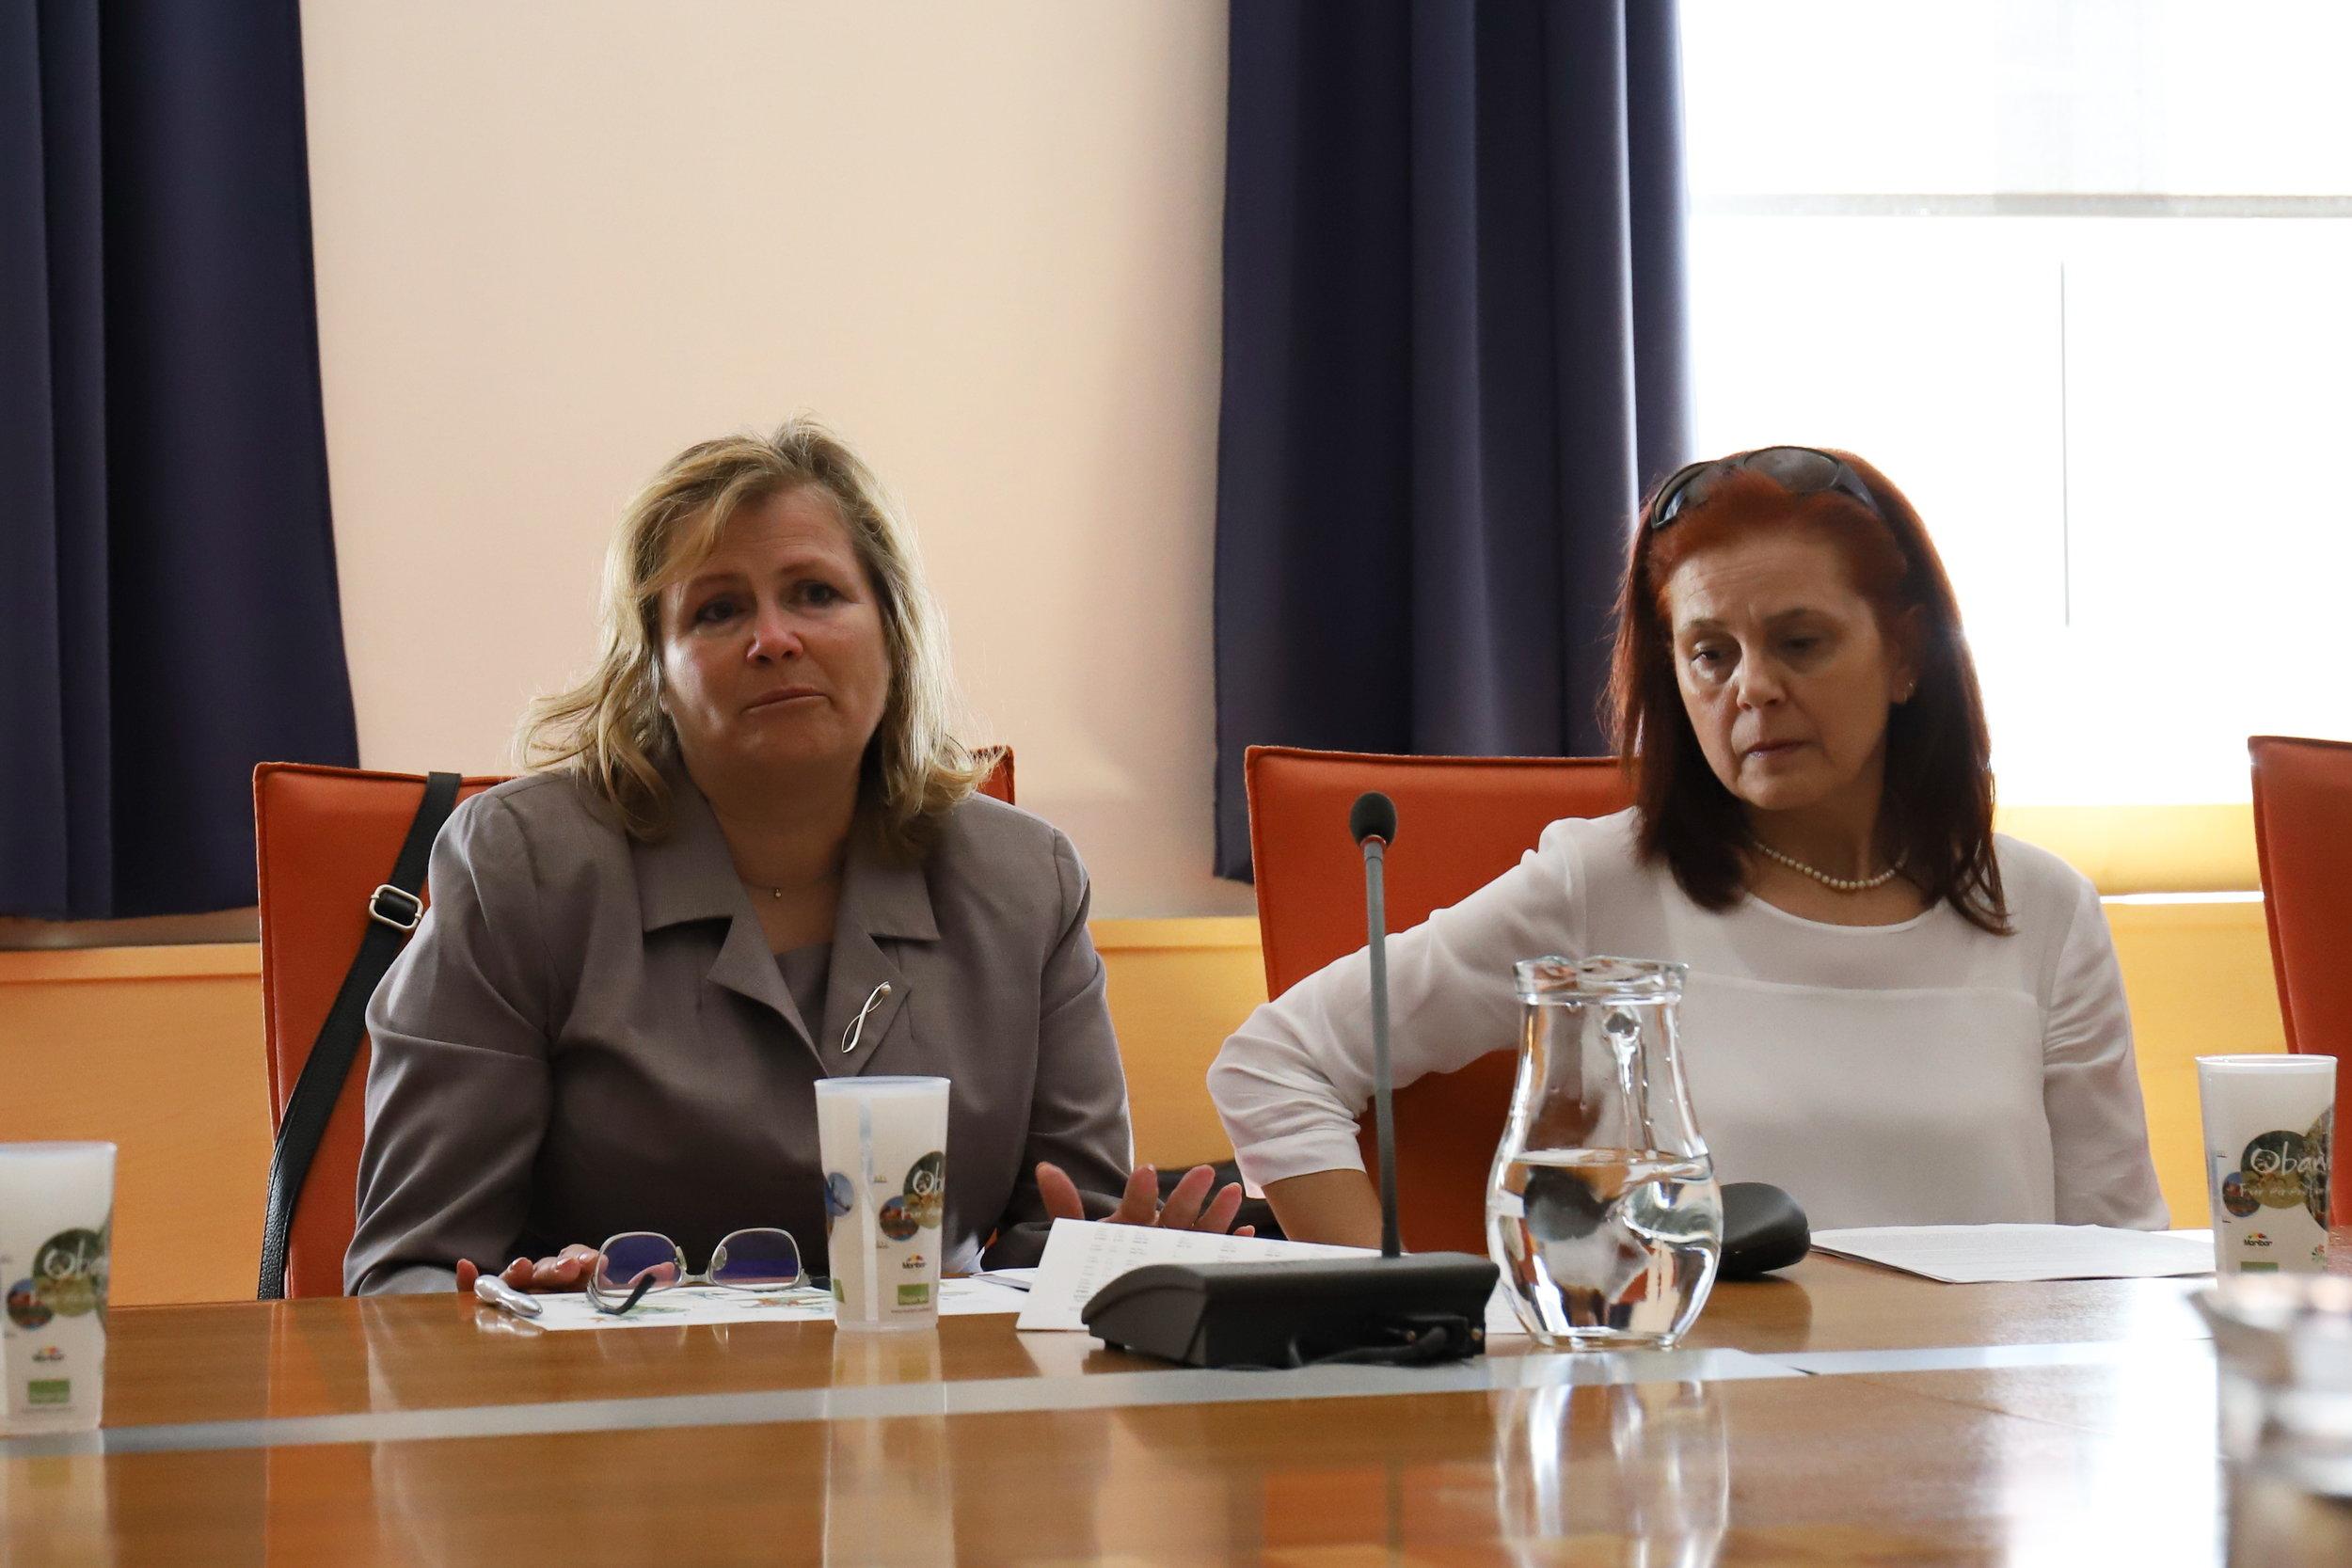 Lilijana Zorko,  vodja Sektorja za zdravstveno in socialno varstvo na MO Maribor in  Tatjana Rebernik , vodja Sektorja za izobraževanje na MO Maribor